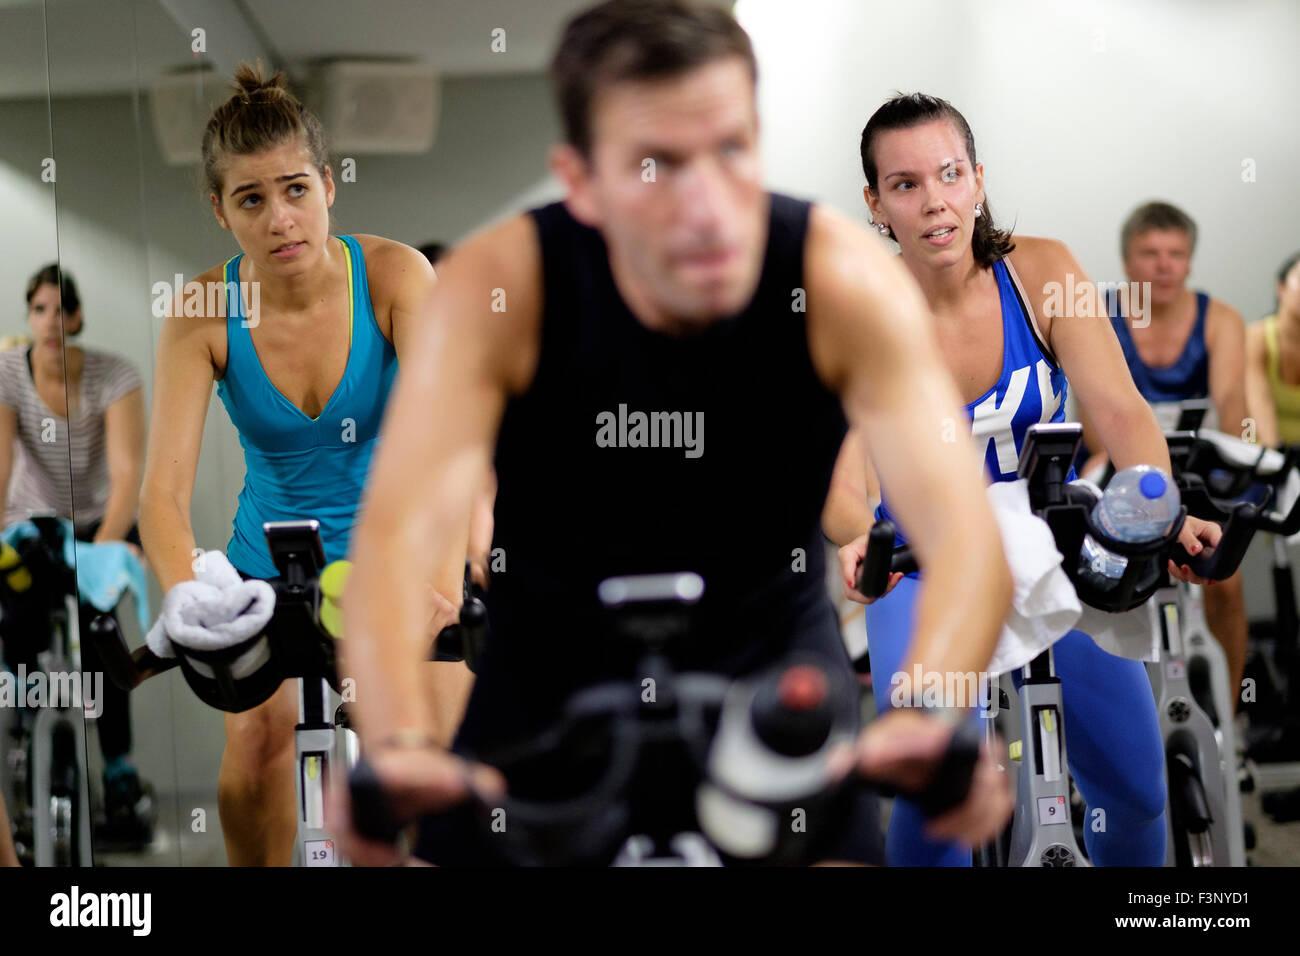 Las mujeres jóvenes montando bicicleta estacionaria durante una clase de spinning en el gimnasio Imagen De Stock